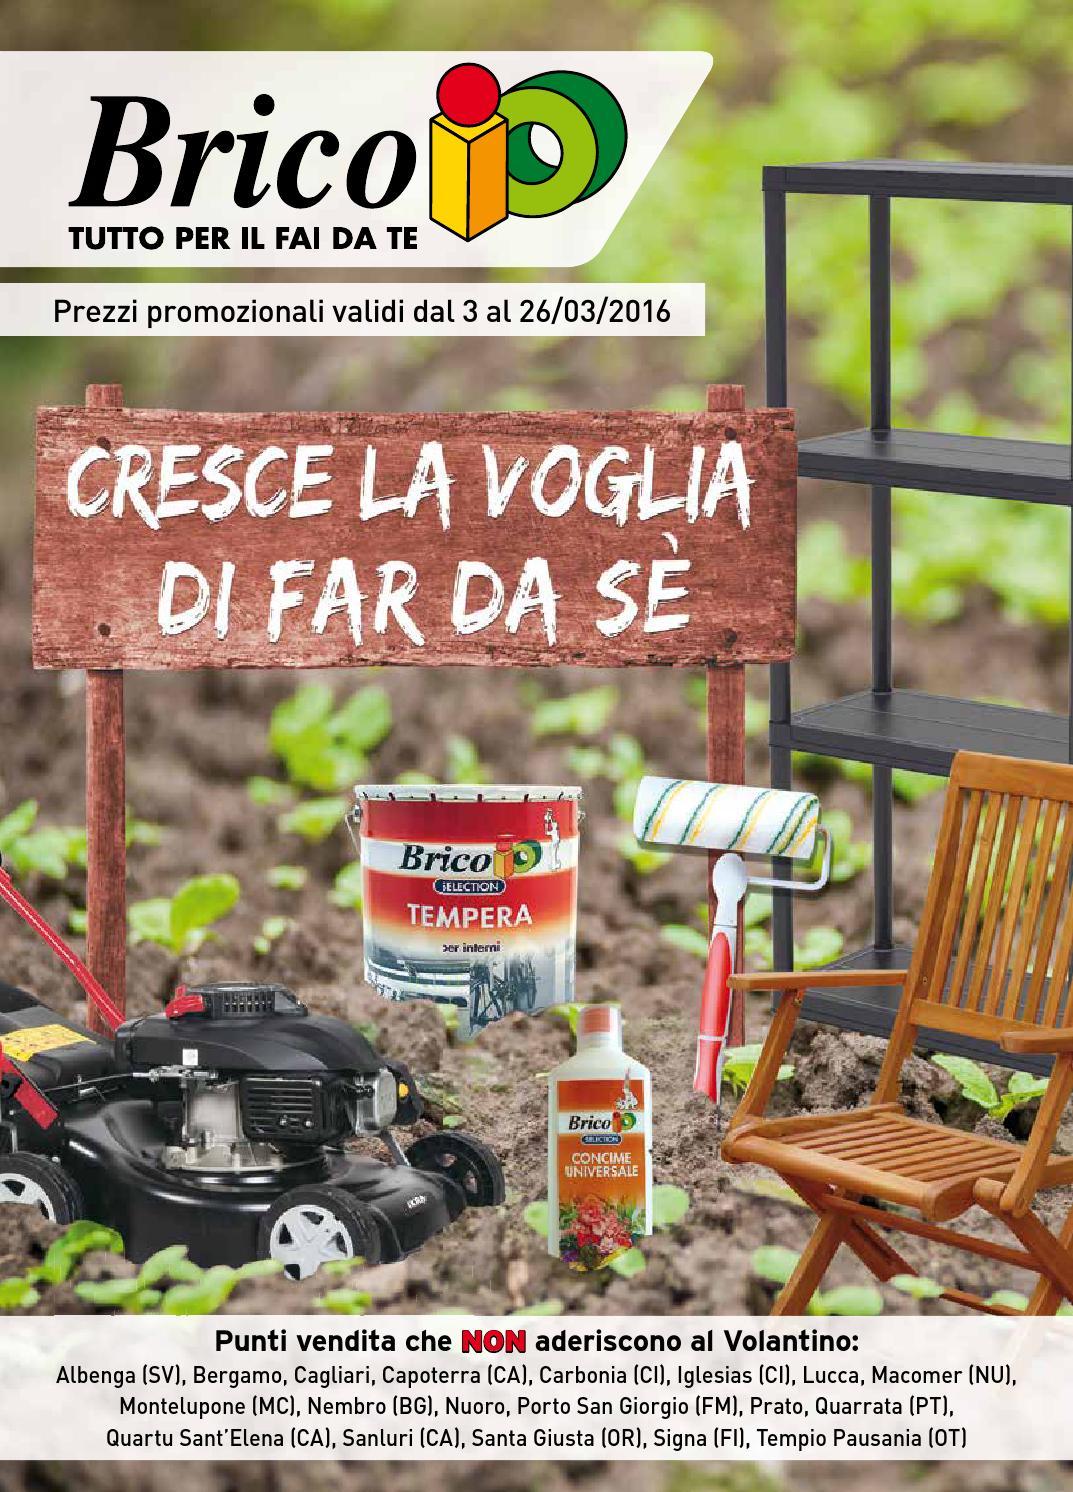 Bricoio 26mar by volavolantino issuu for Staccionata in legno brico